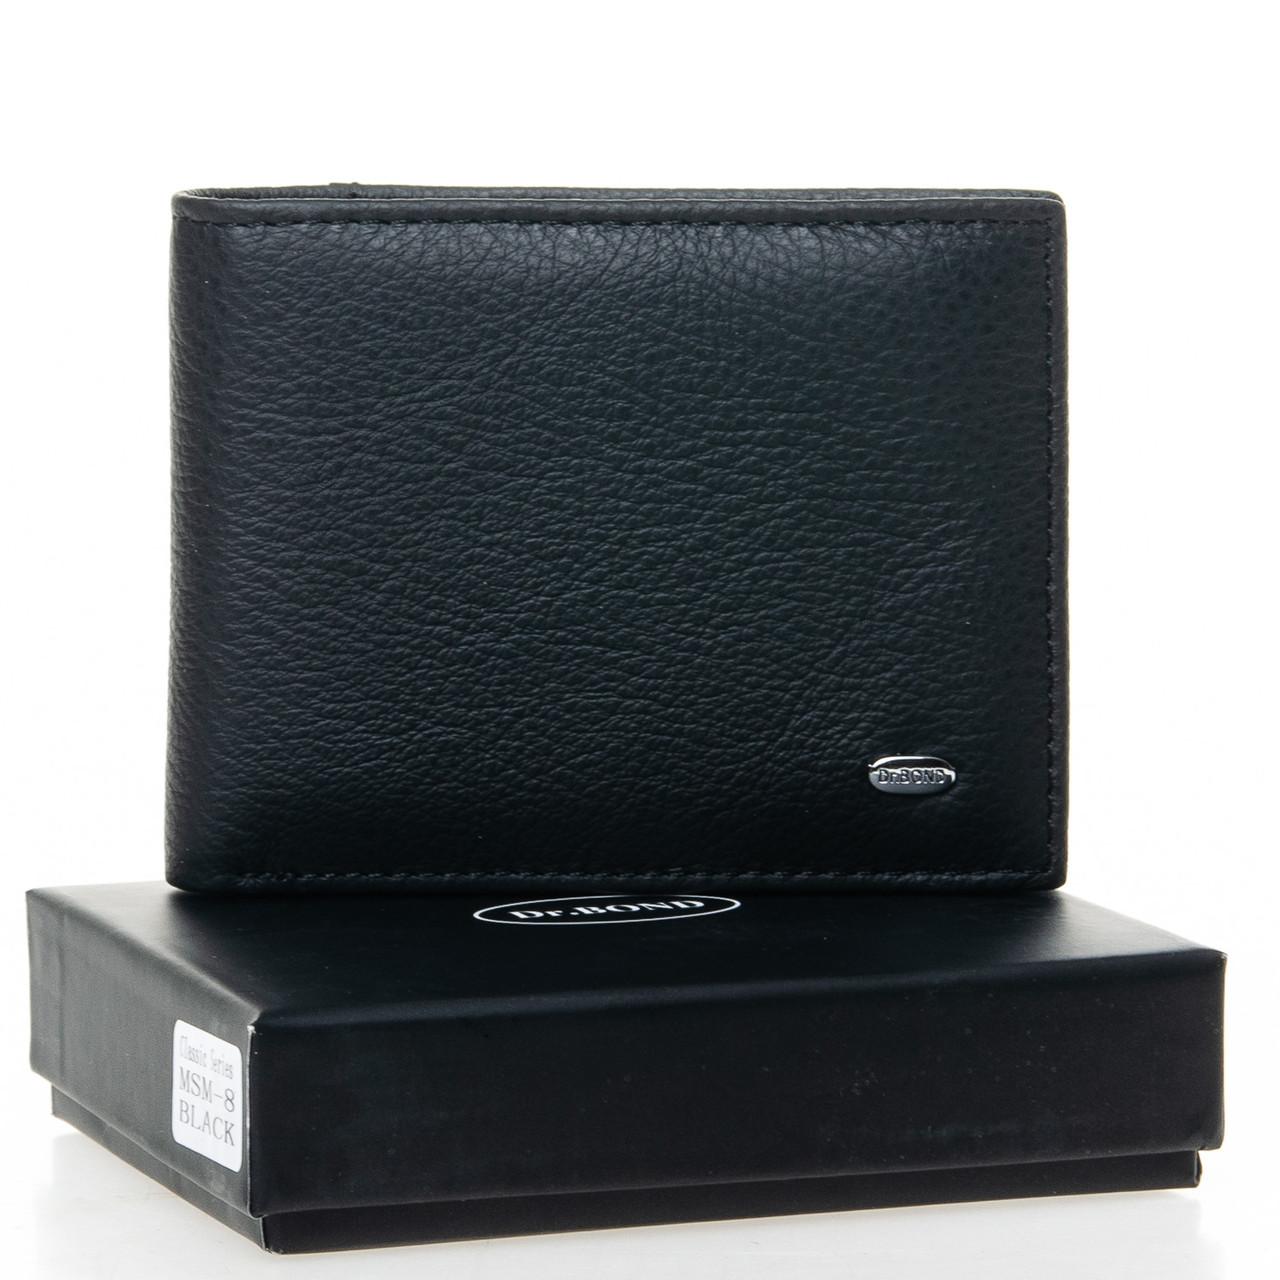 Черный кожаный мужской кошелек портмоне з зажимом для денег на магнитах DR. BOND MSM-8 black